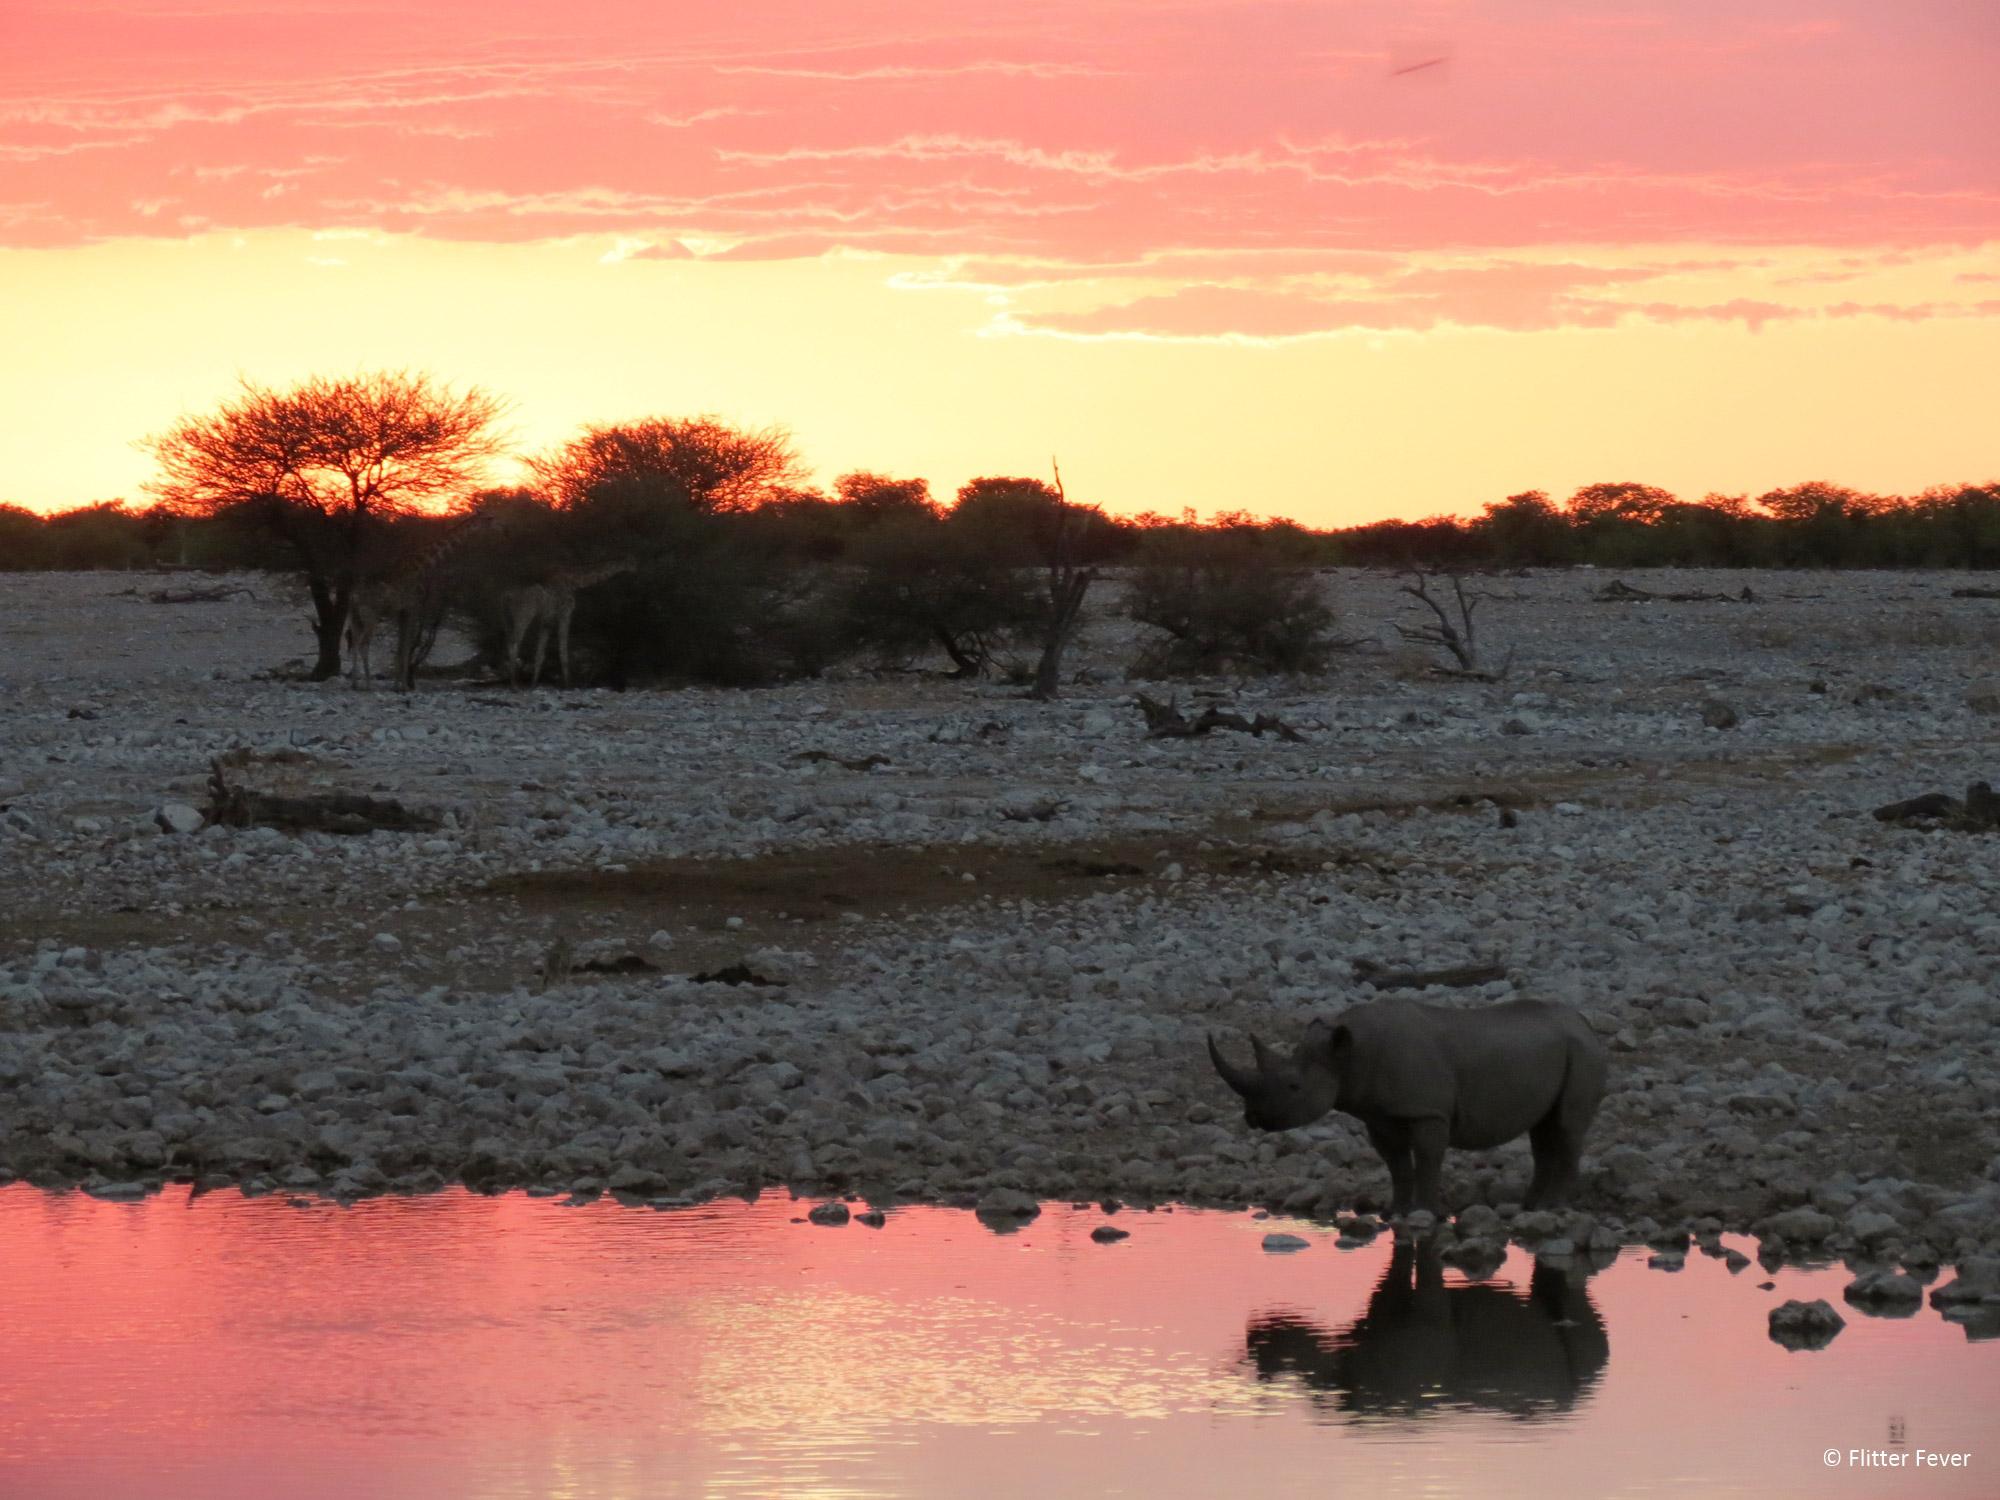 Flitter Fever - Zonsondergang in Etosha National Park in Namibië